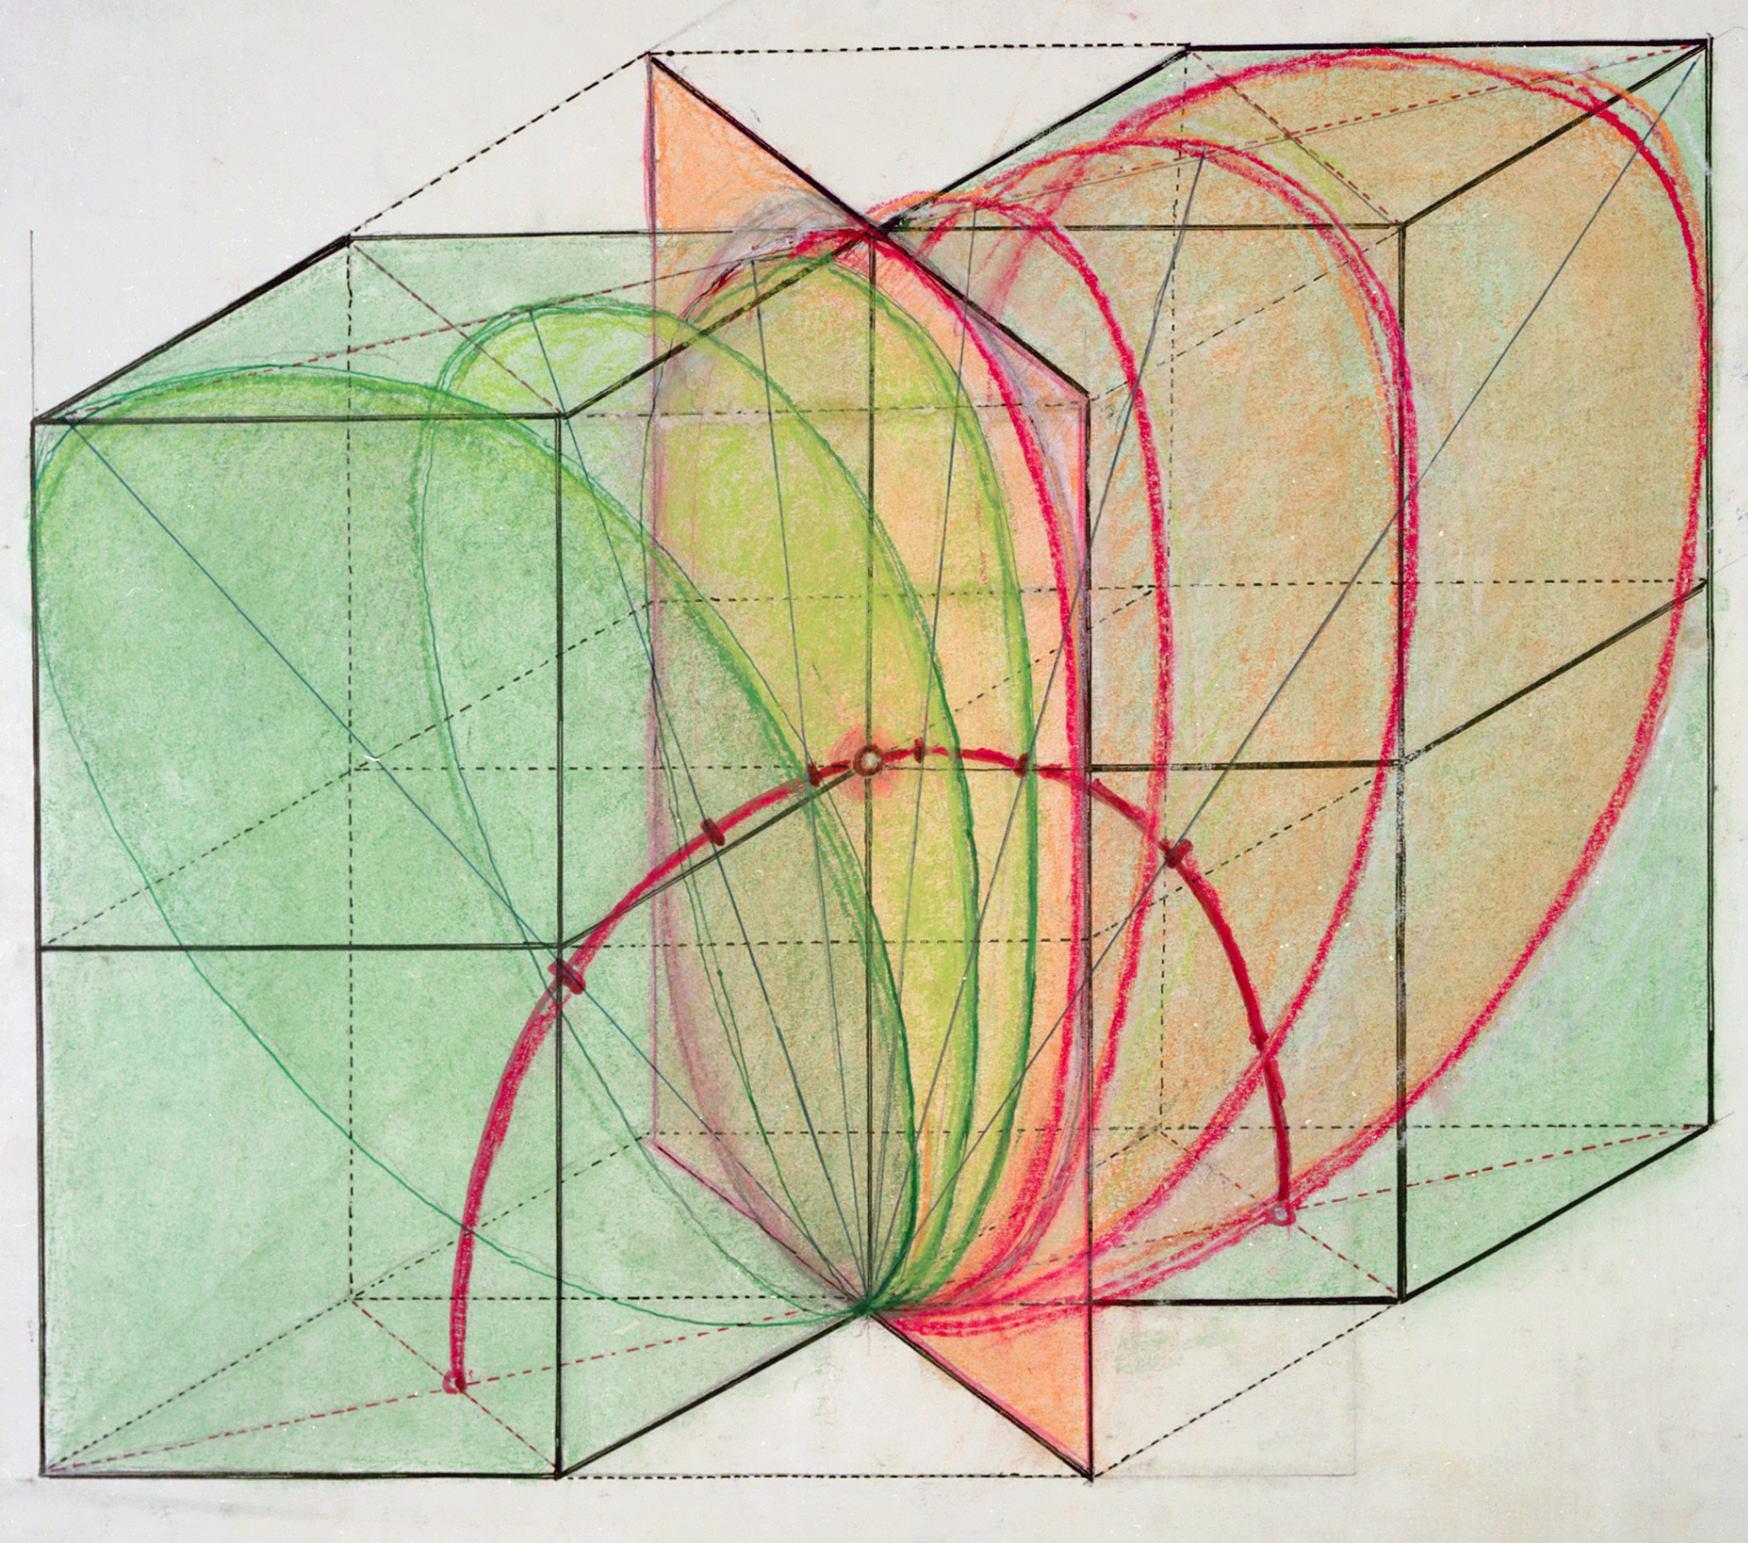 Diagrammes de Walter Bowman Russell A_009_10